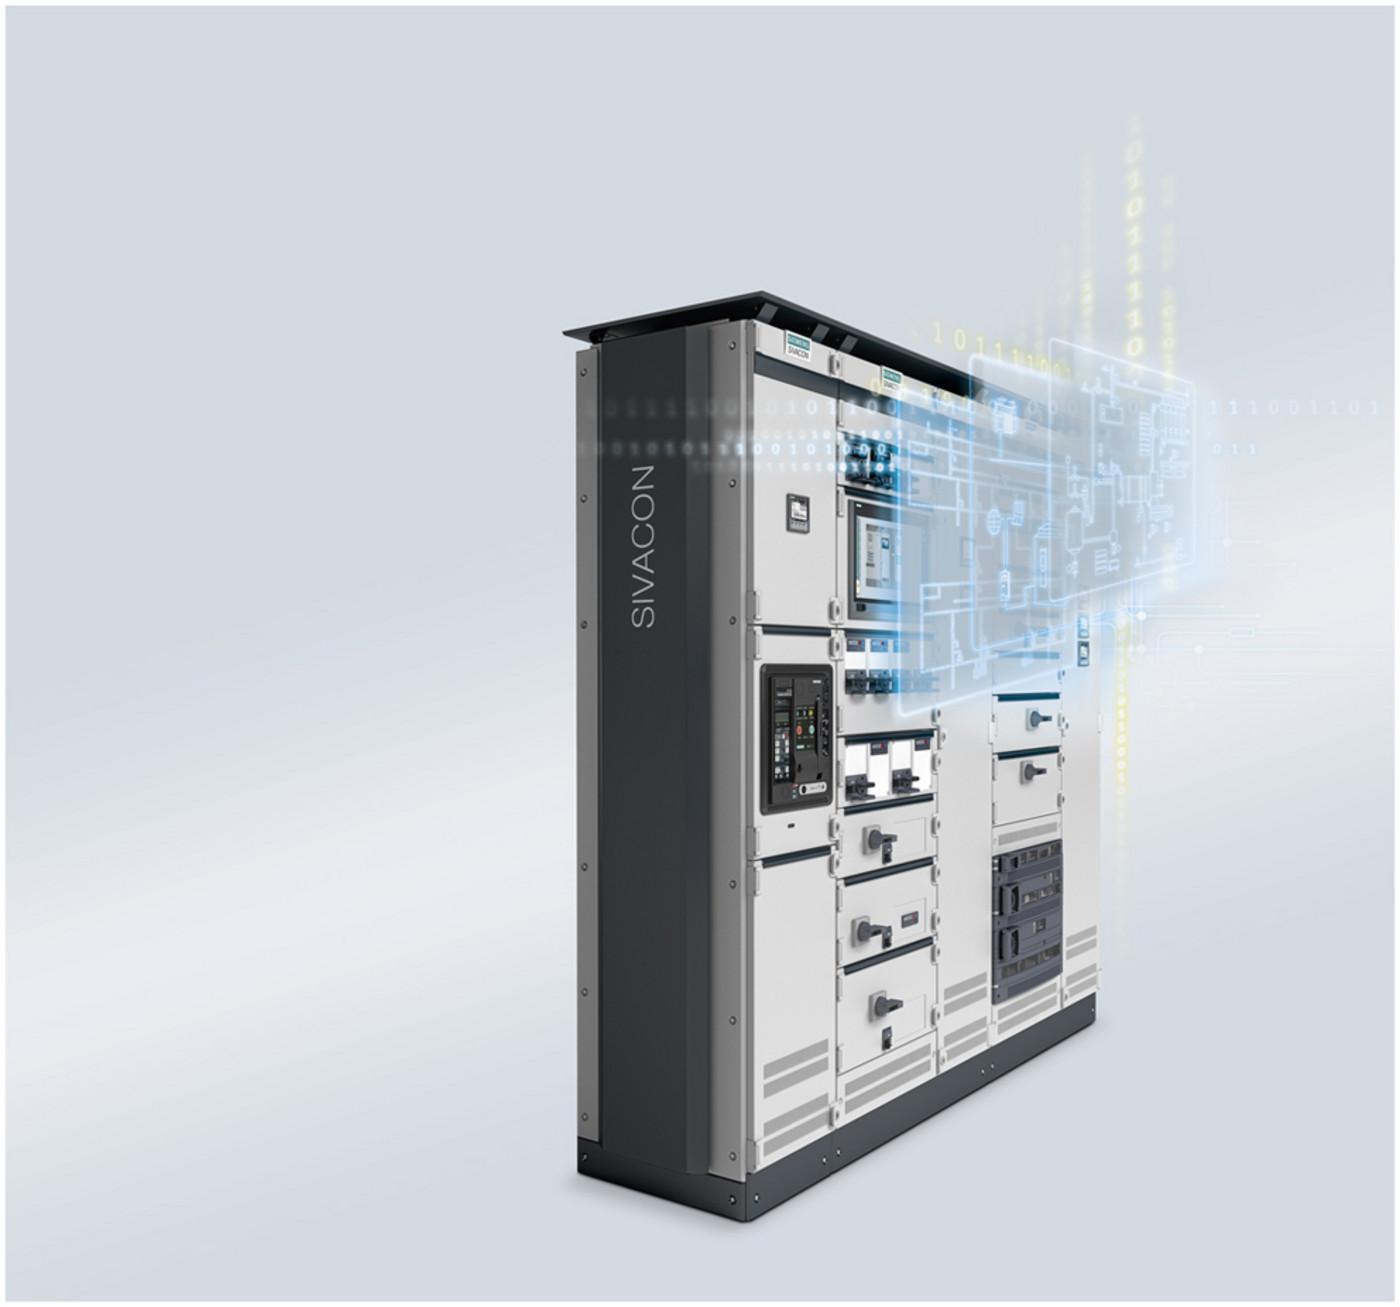 【制御盤製造】導入事例:マス・カスタマイゼーションにも対応!設計ノウハウを盛り込んだ電気設計の標準化と回路図自動生成